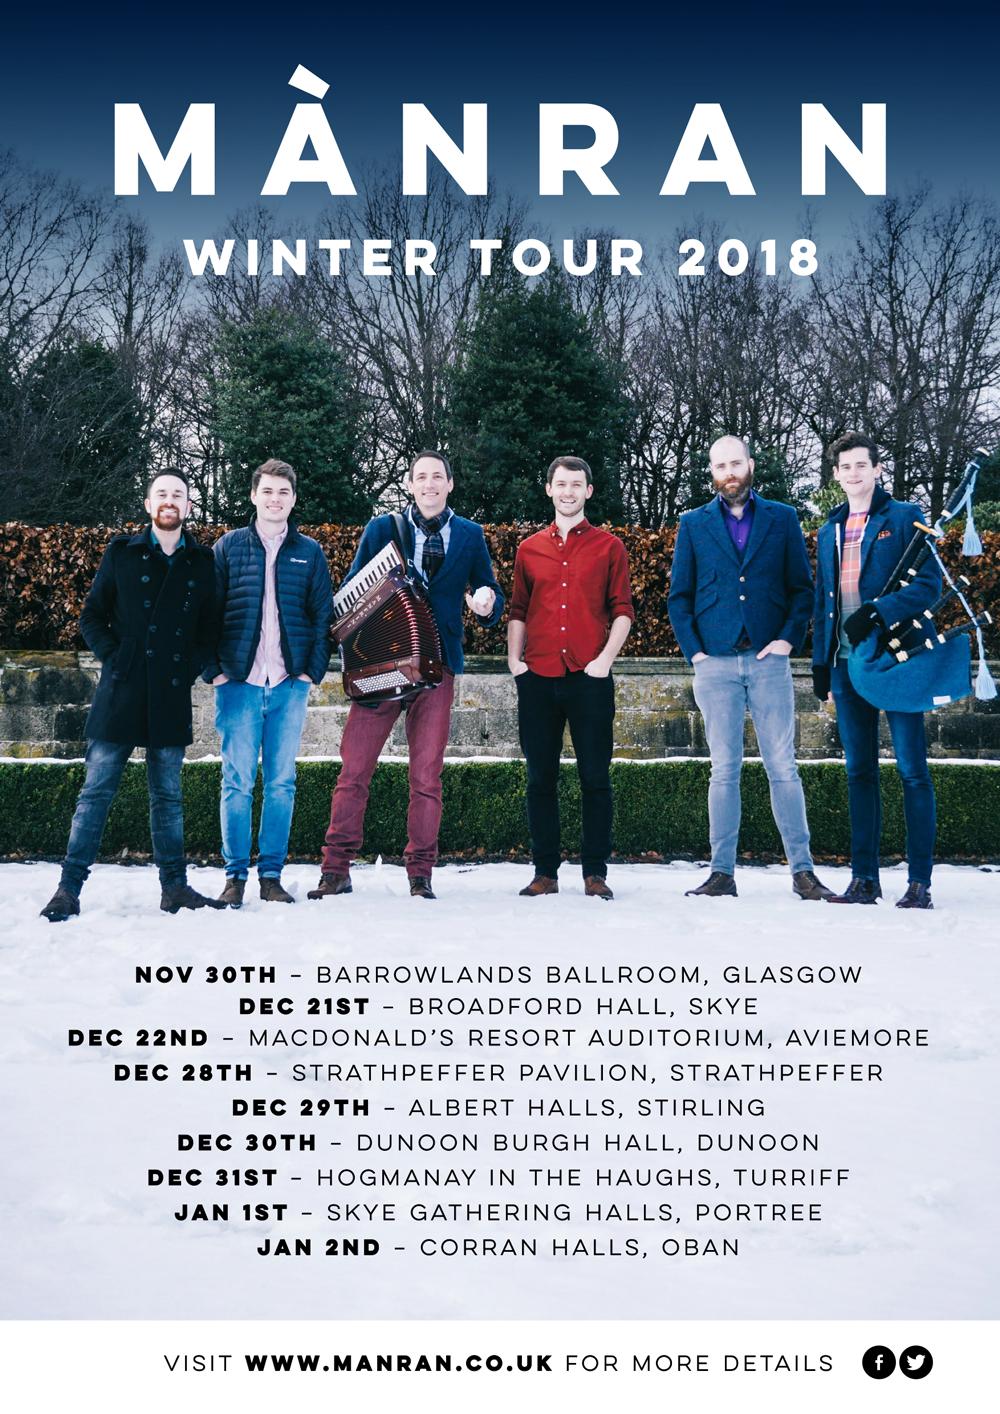 Manran-Winter-Tour-Poster-1000px.jpg